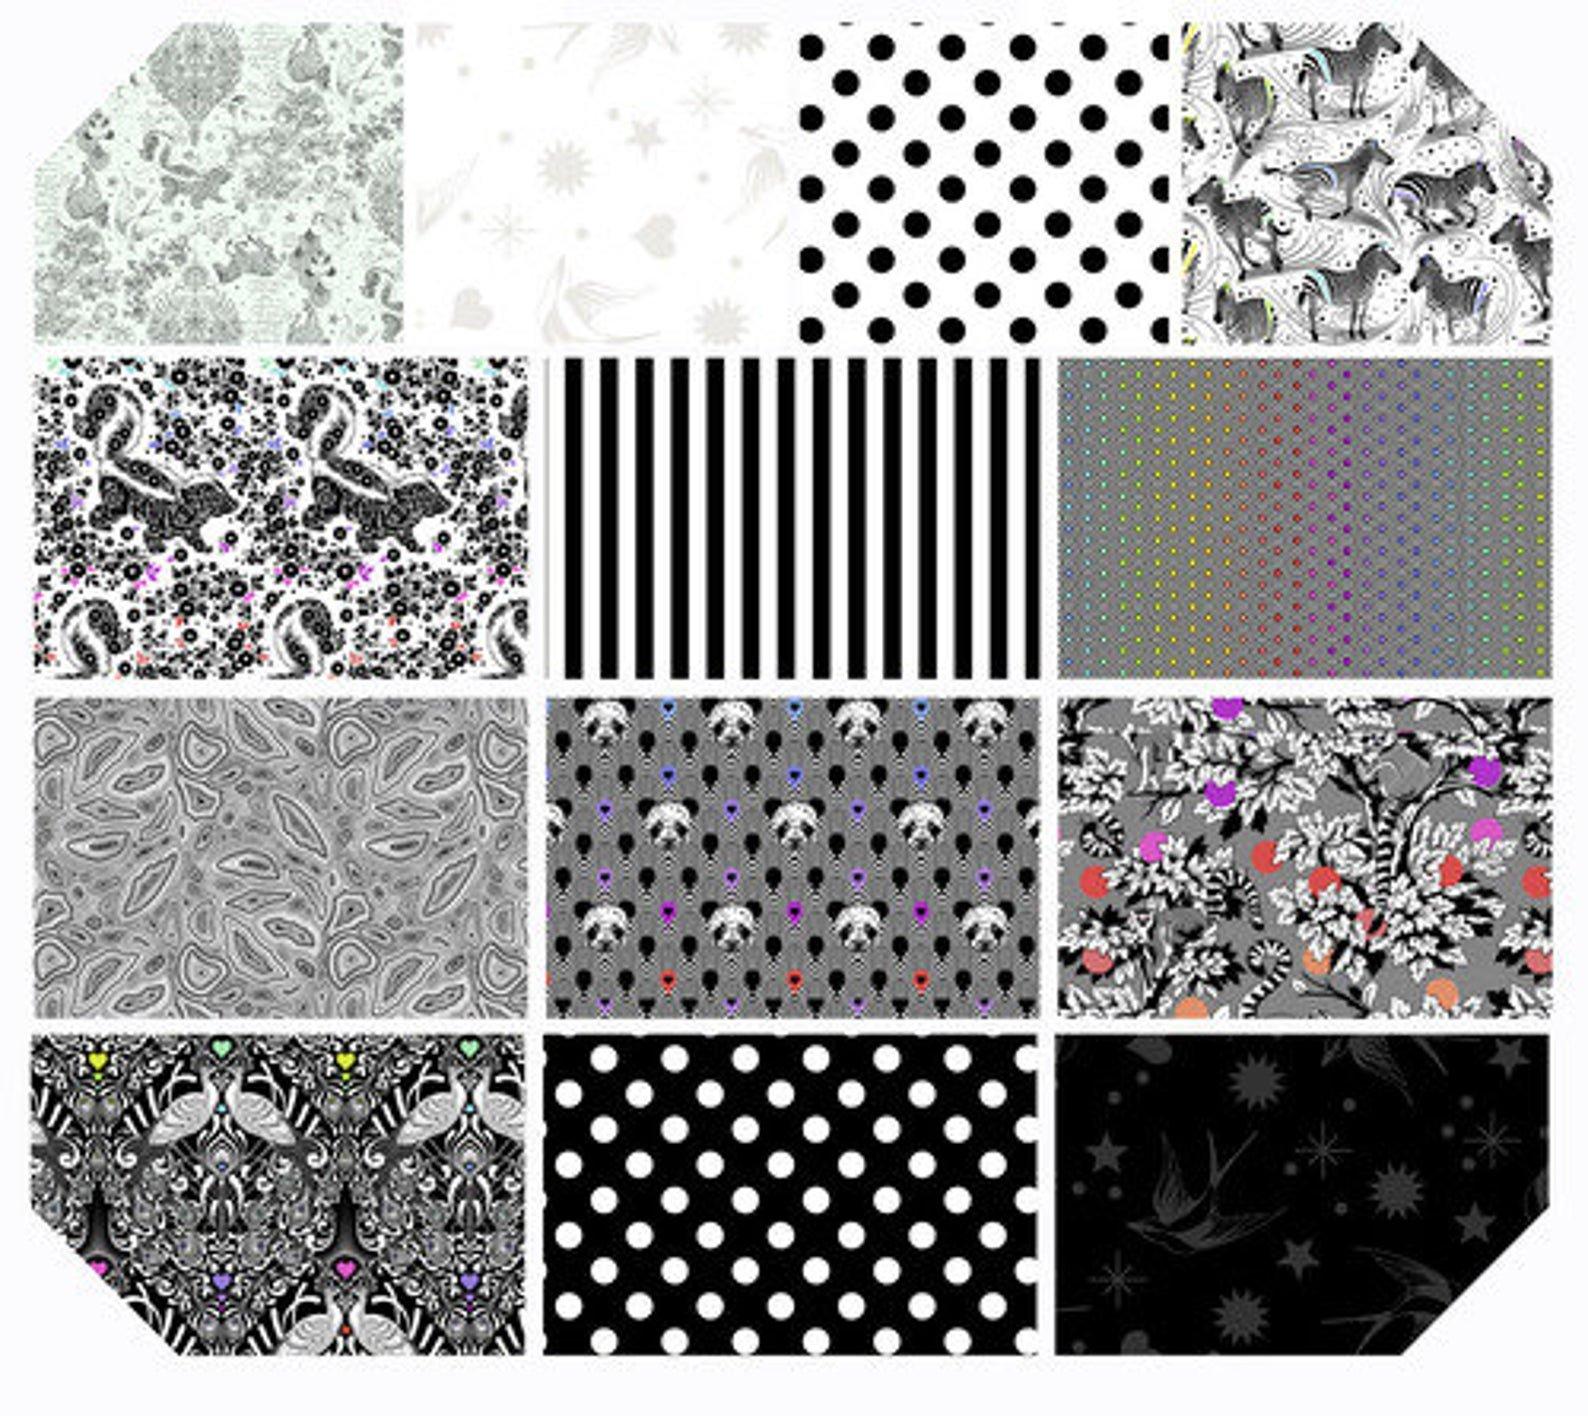 Linework Hexagons